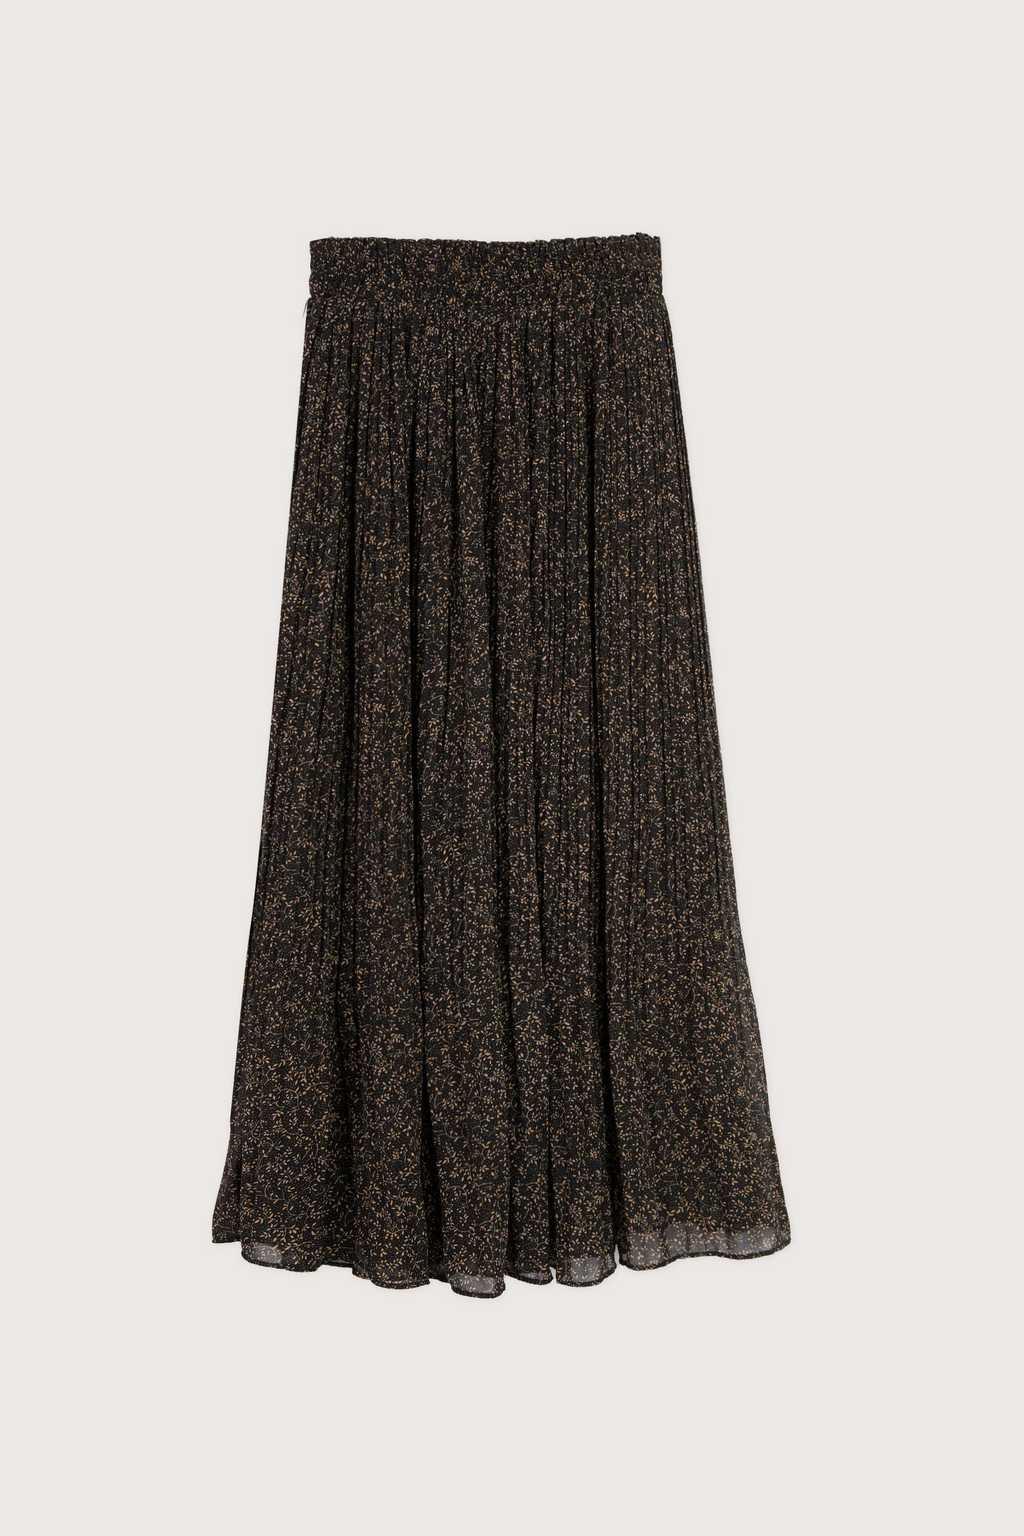 Skirt K004 Black 7